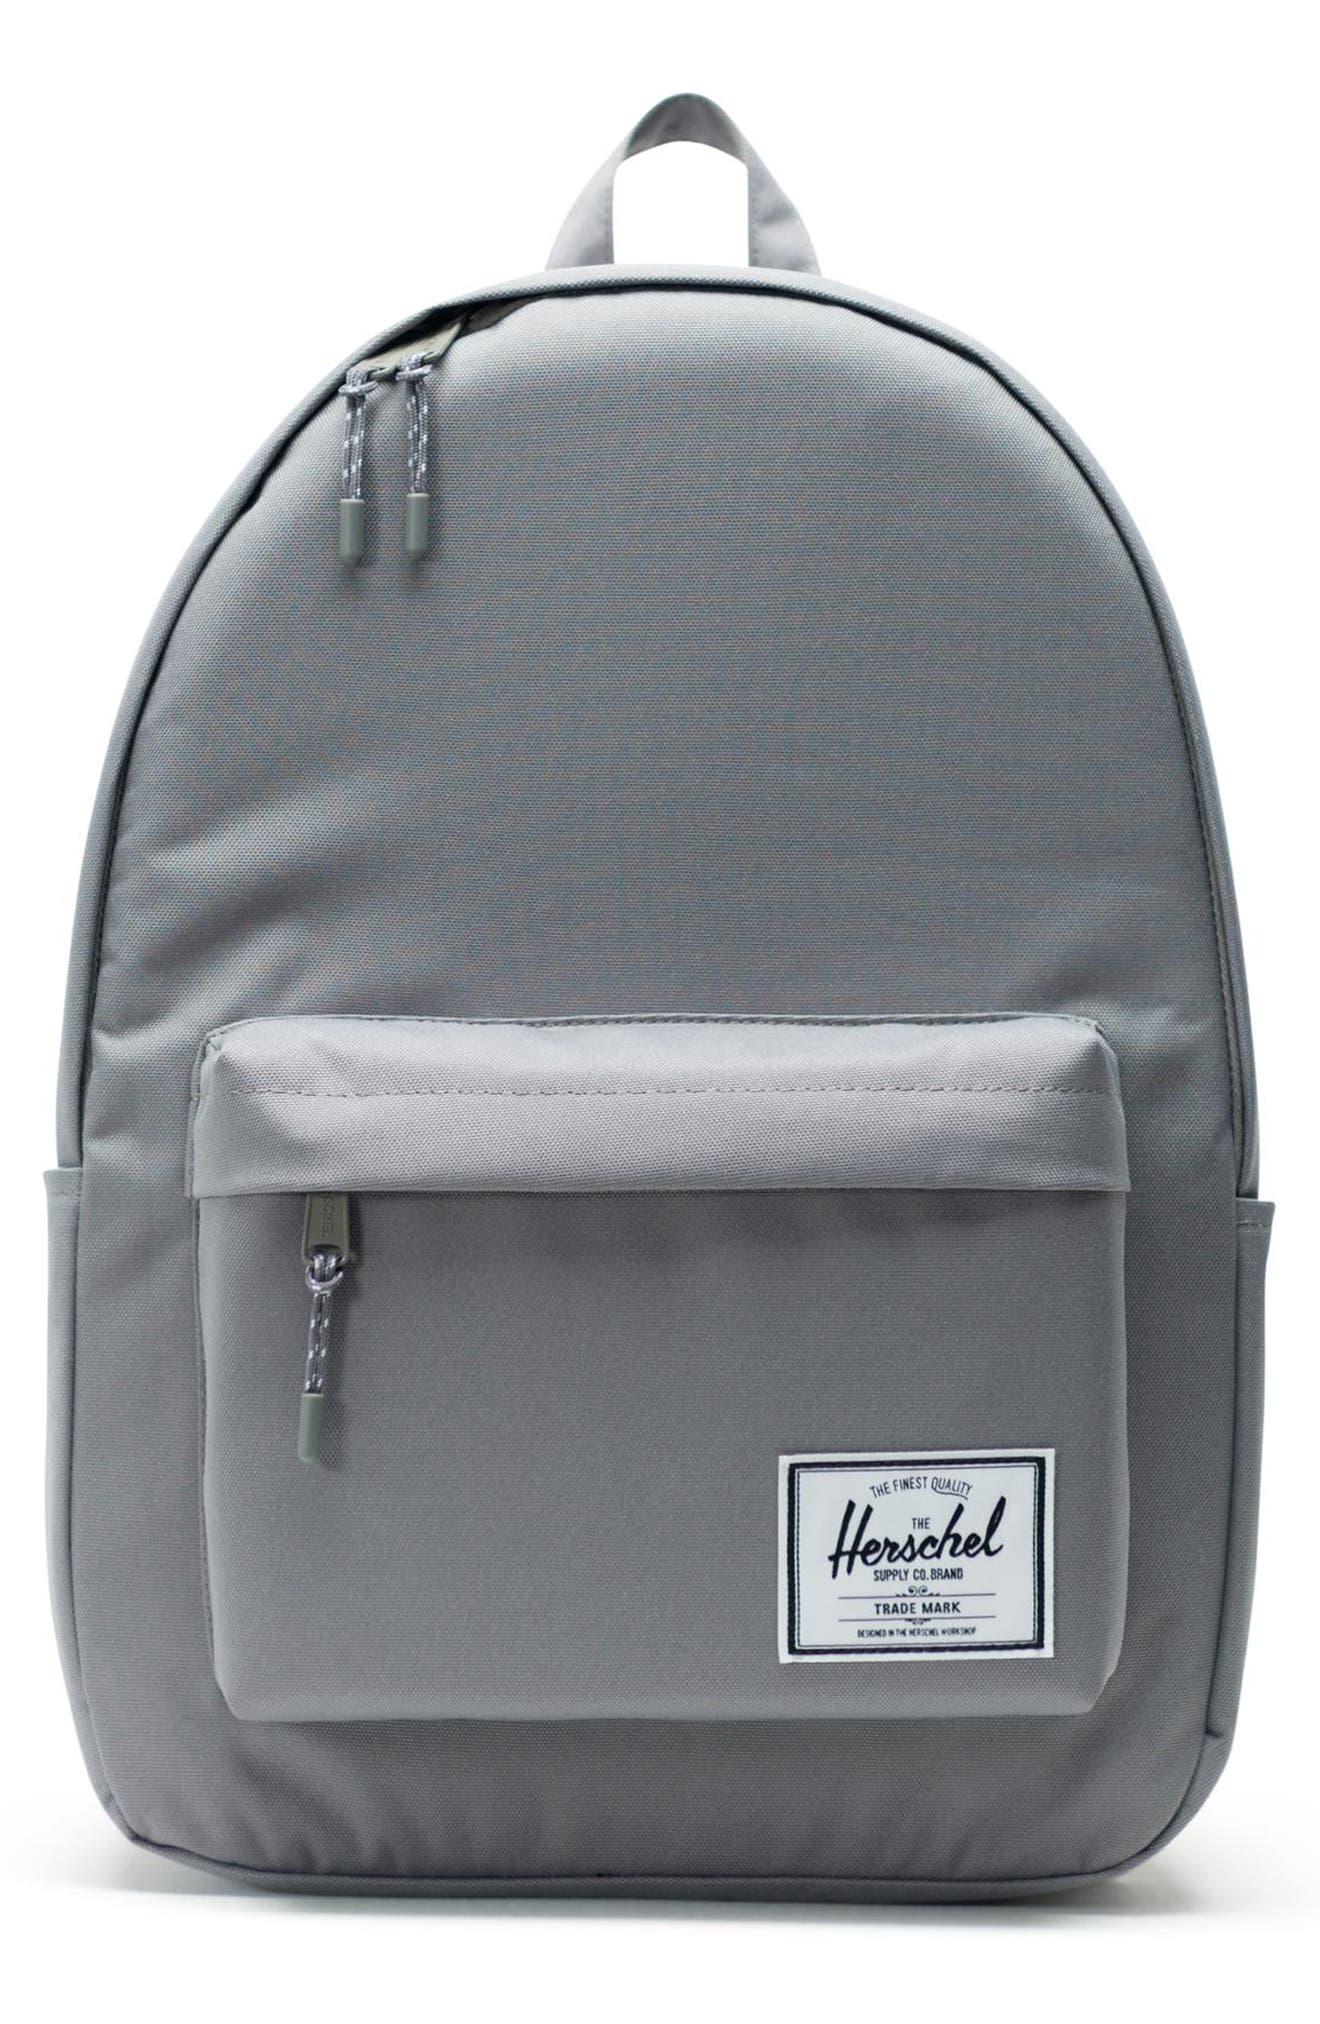 5e13b8d5c1f Women s Herschel Supply Co. Backpacks